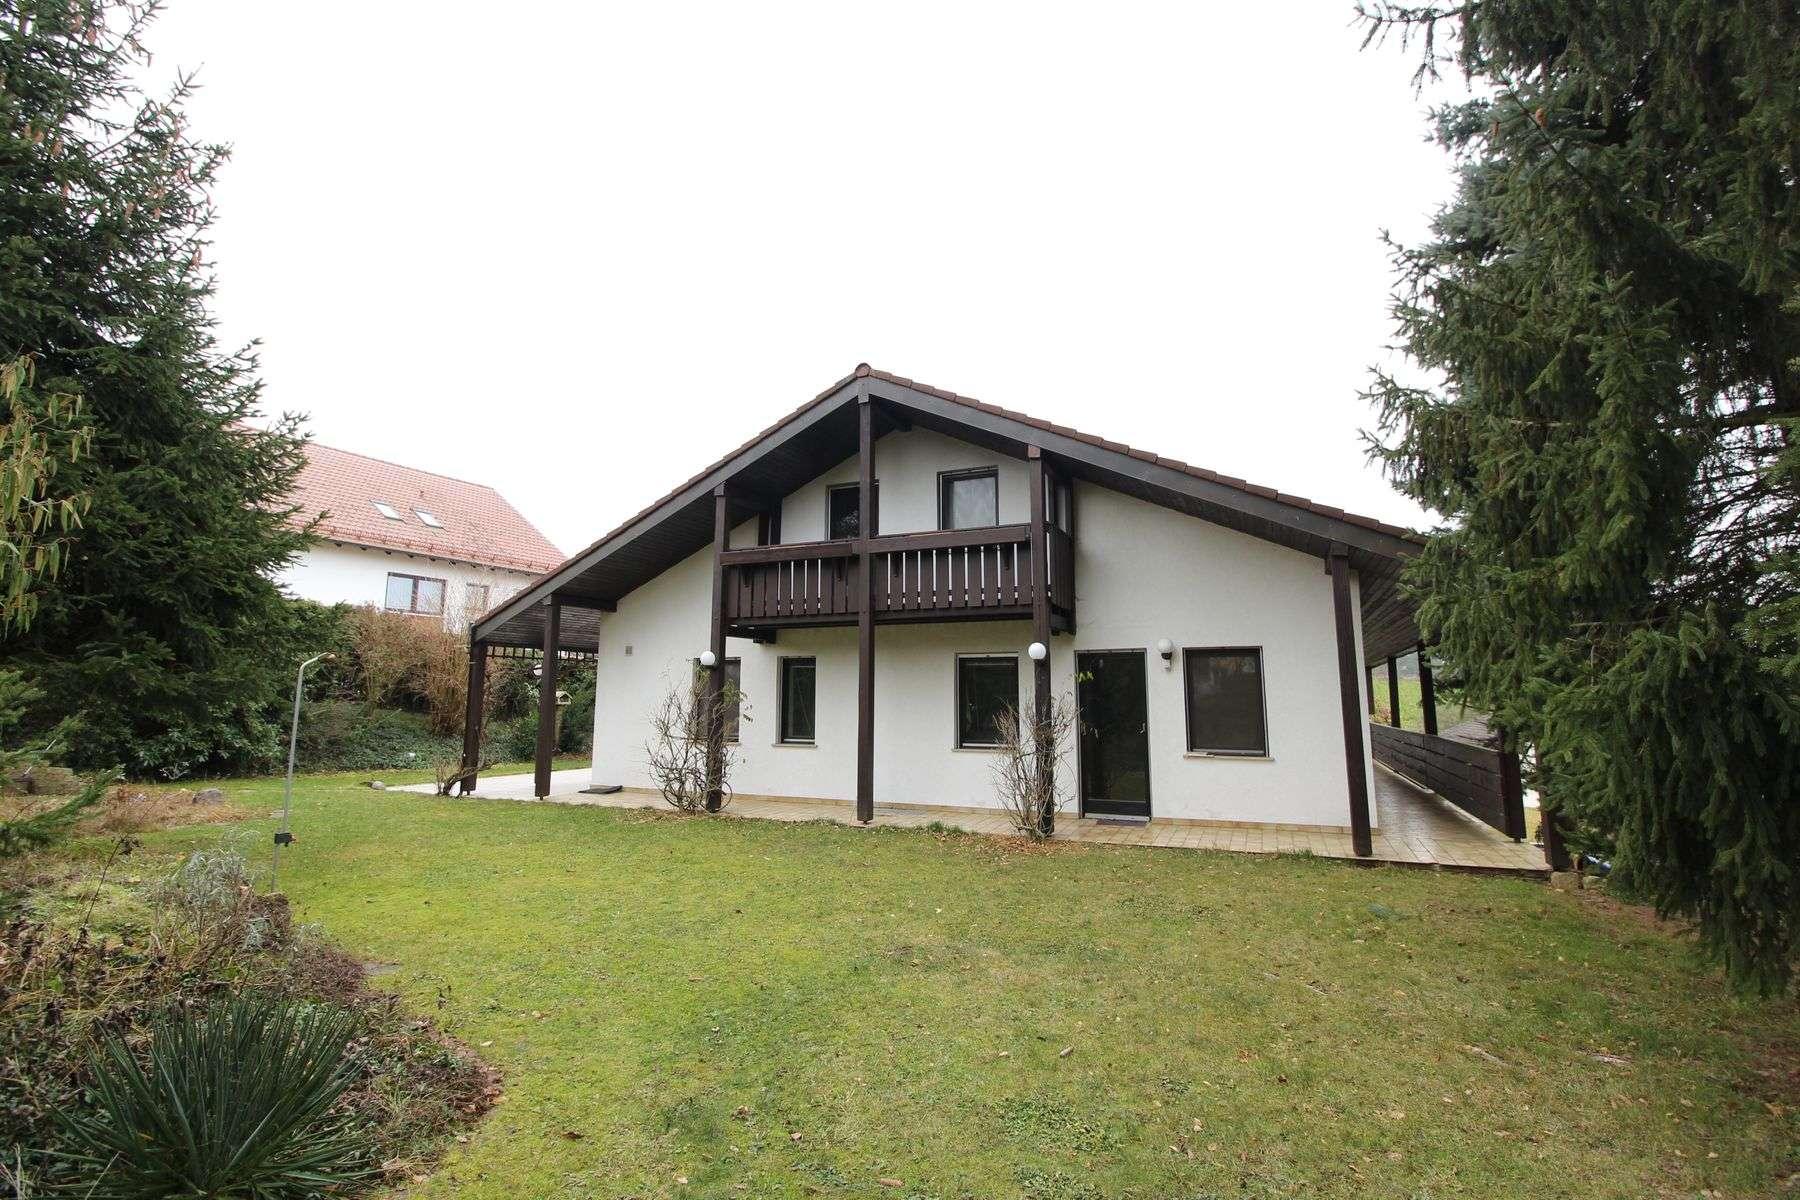 Erstbezug: Großzügige Villen-Etagenwohnung mit Garten in idyllischer Lage in Schweitenkirchen